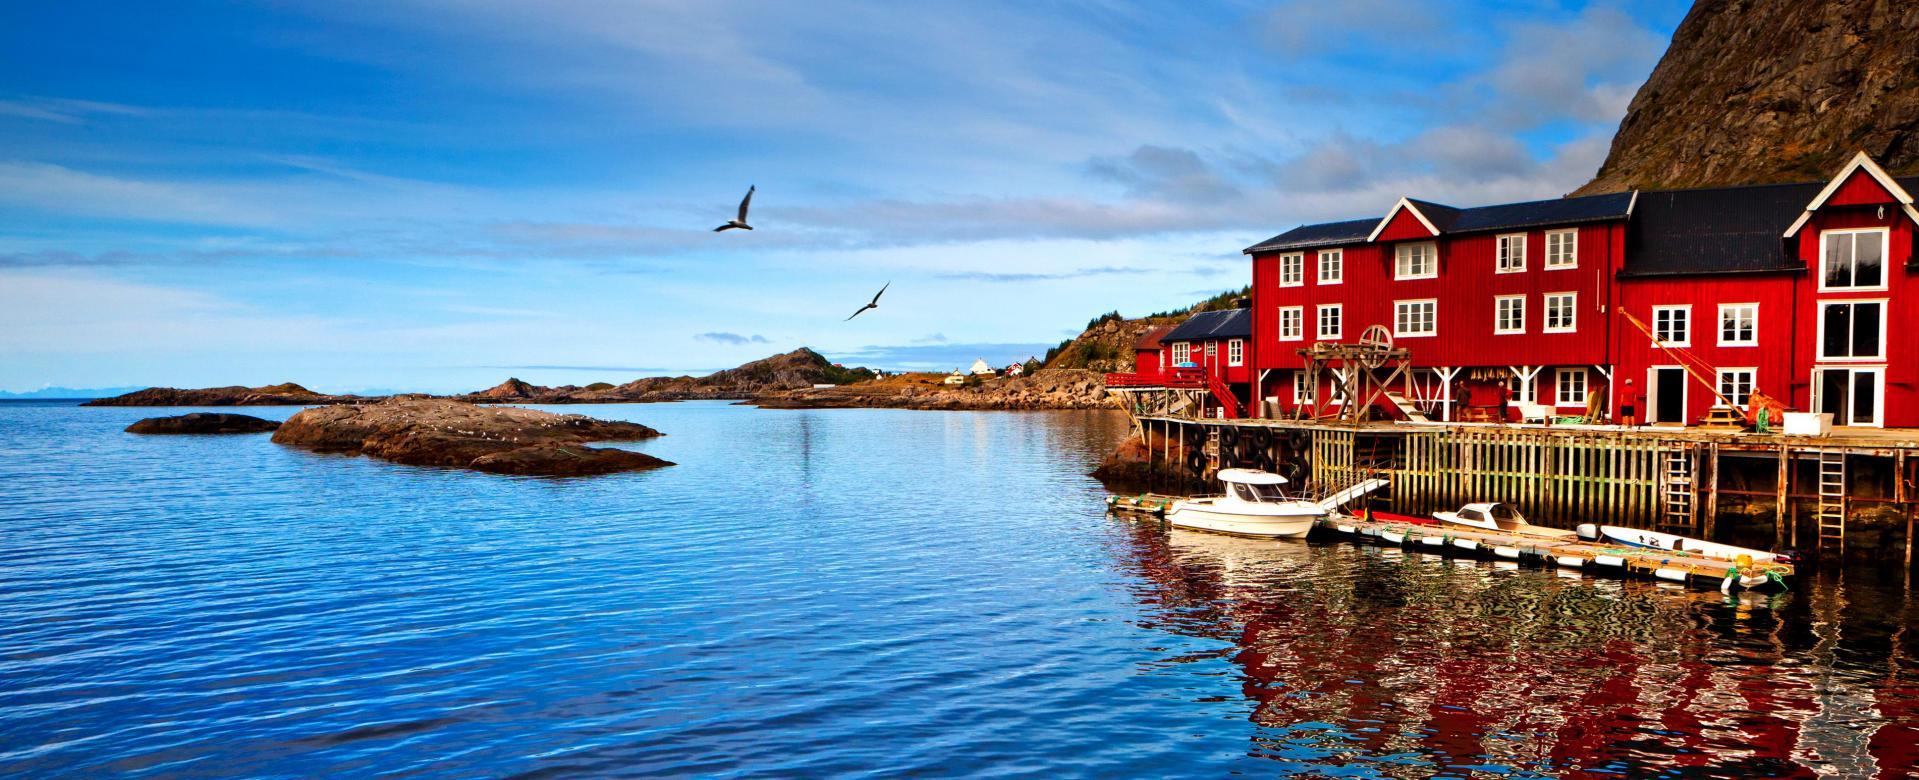 Voyage à pied Norvège : Fjords et lofoten : l'attraction polaire